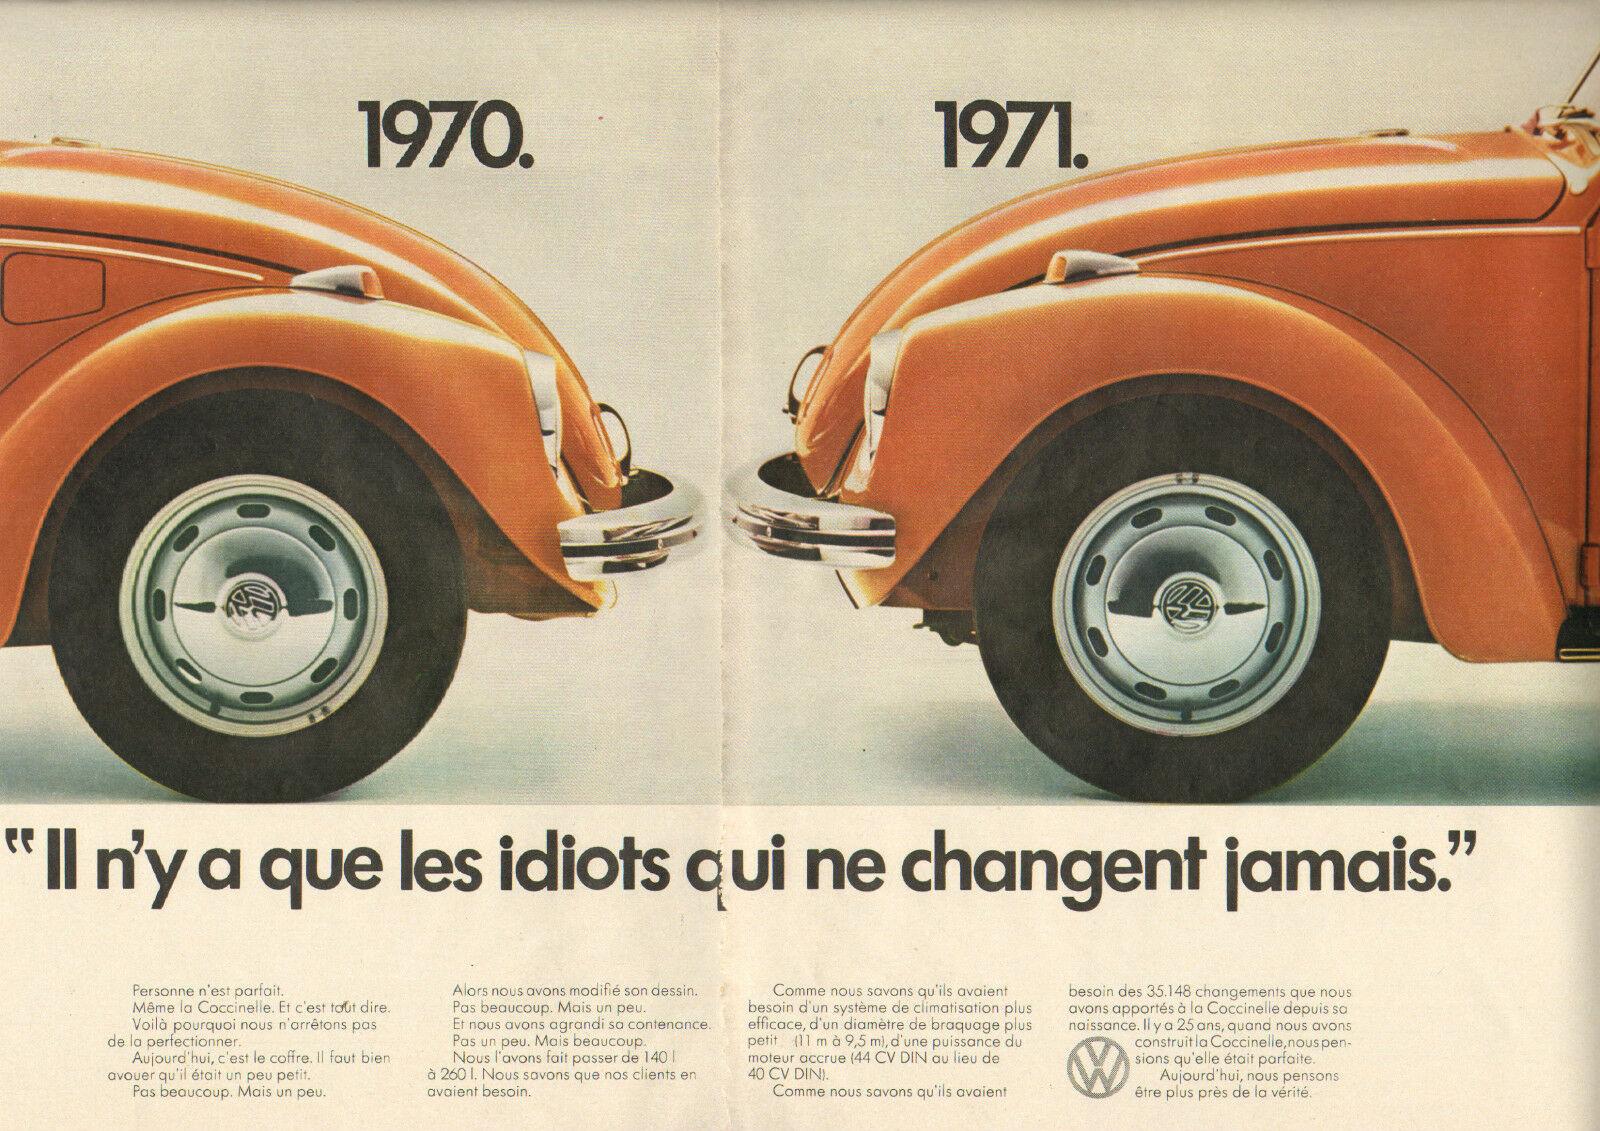 1971 volkswagen coccinelle Il n'ya que les idiots qui ne changent jamais